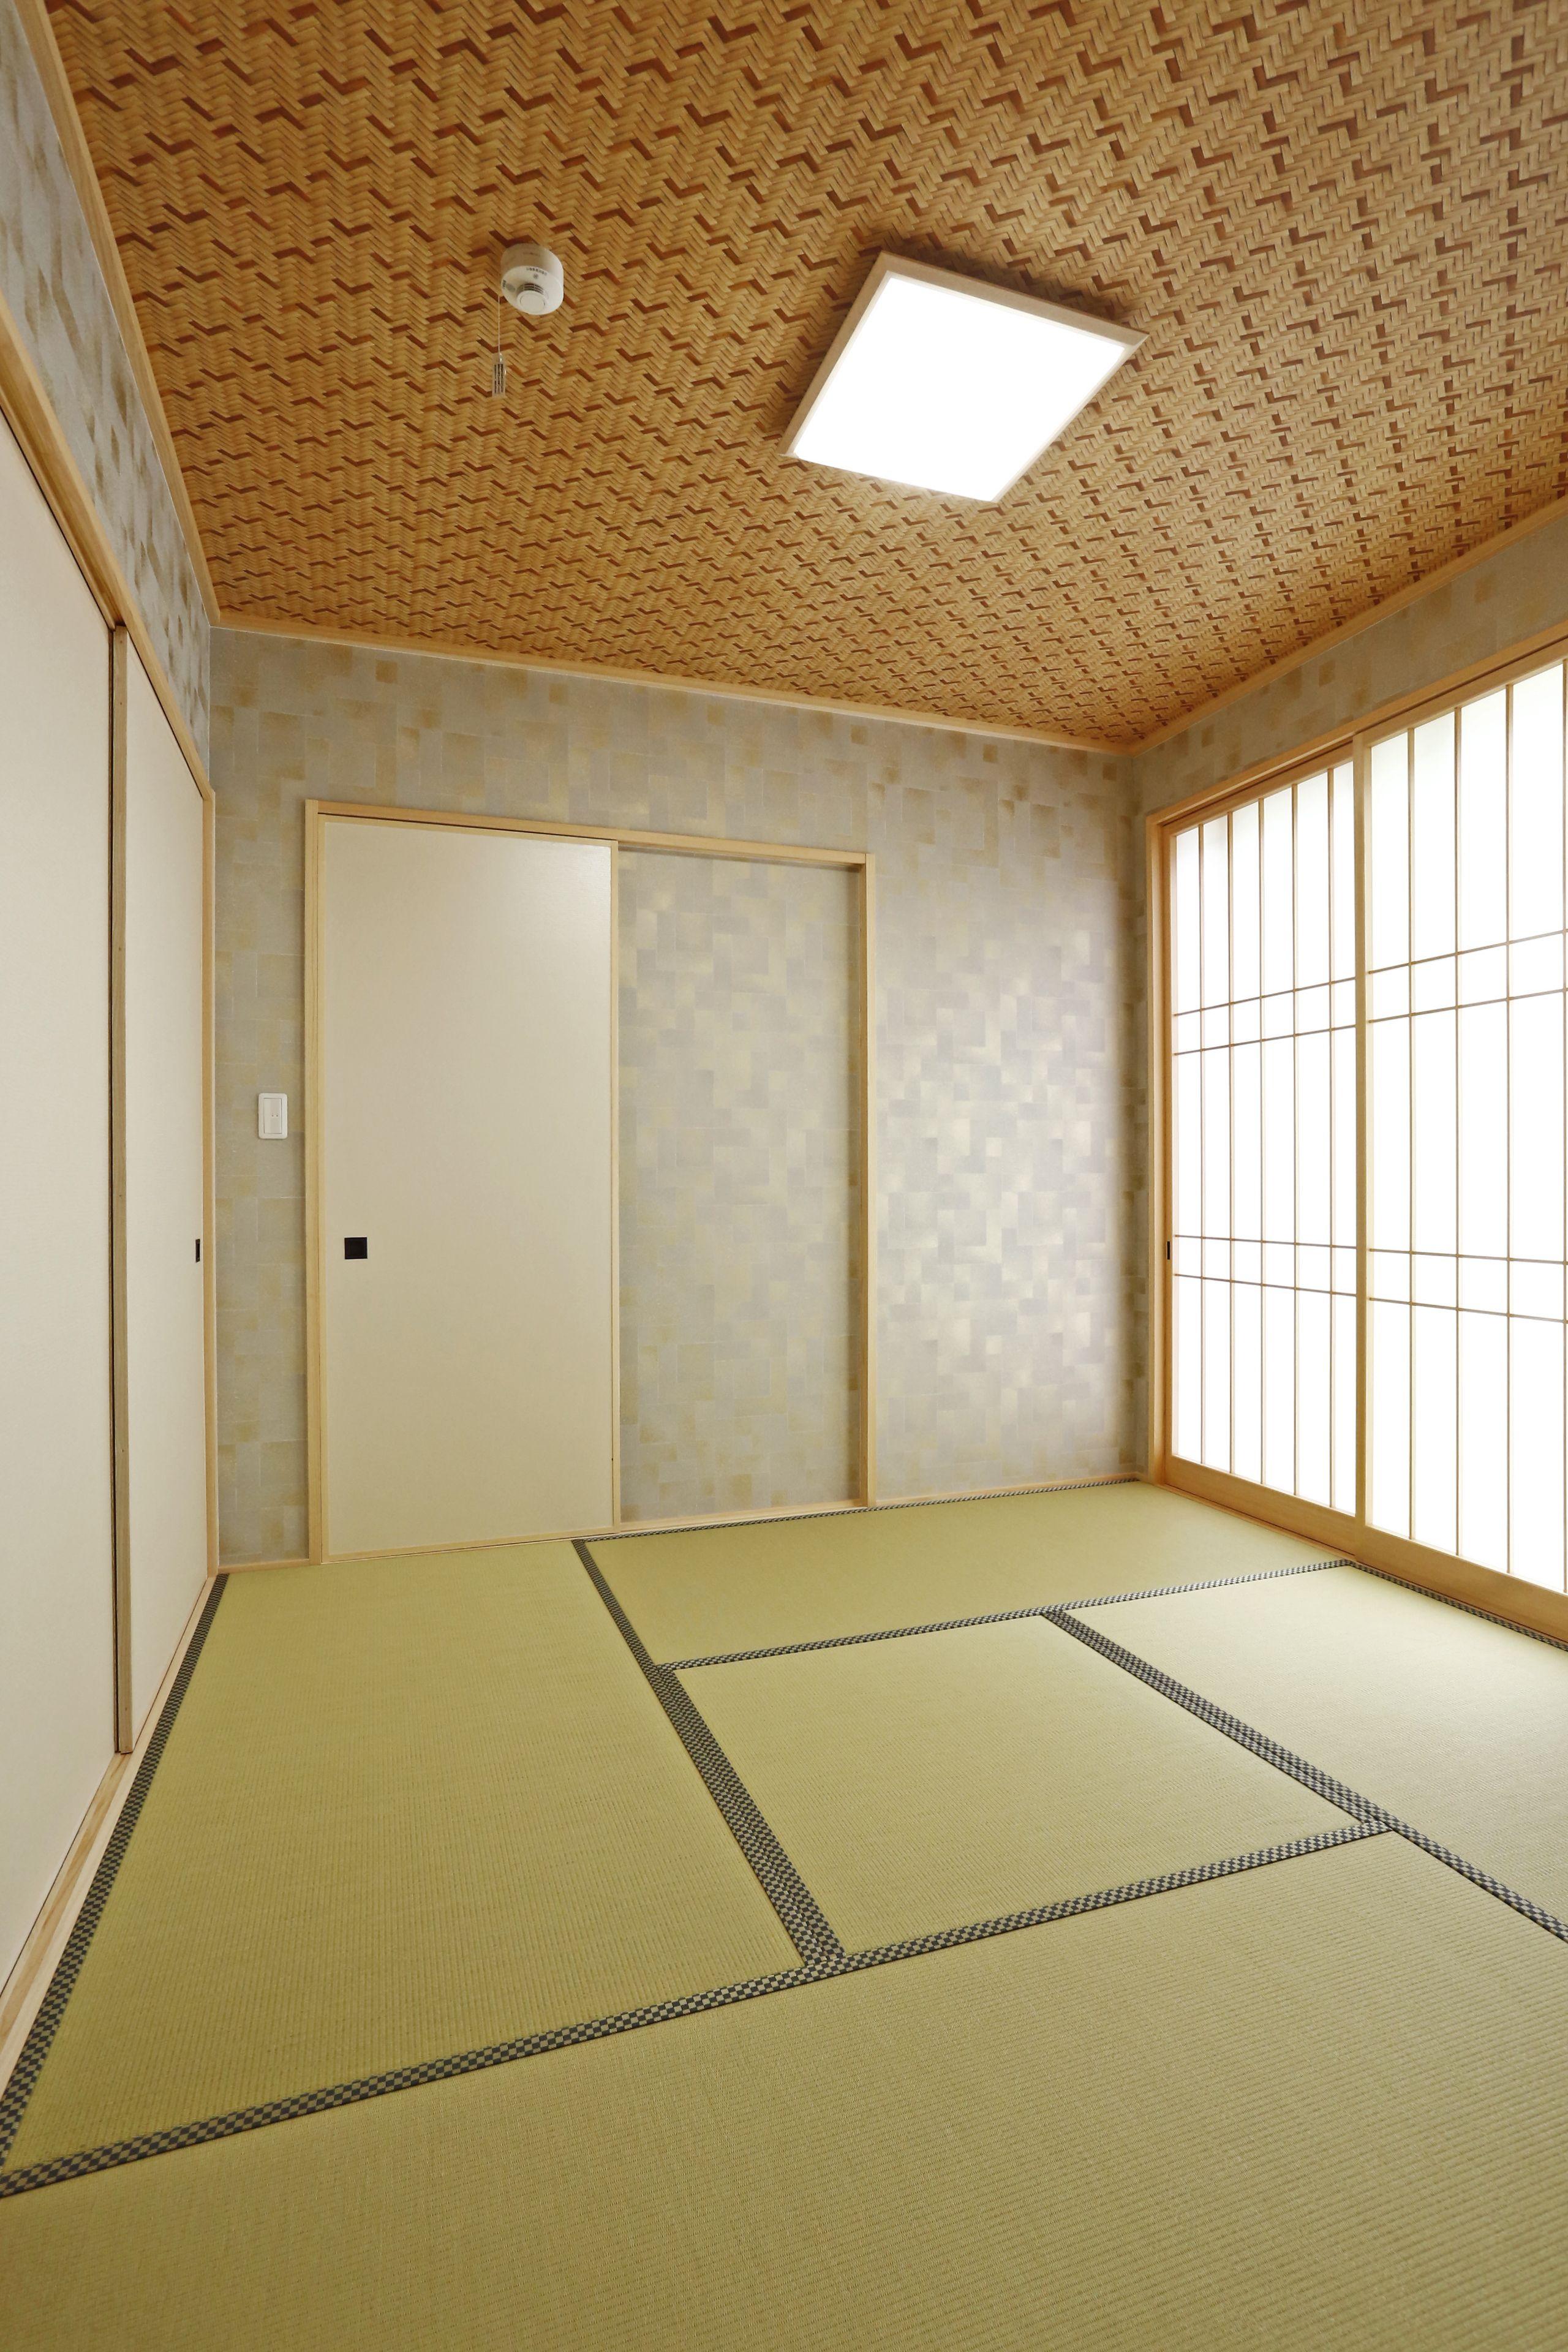 現代和風に仕上げました 障子が入るとグッと和室っぽくなりますね